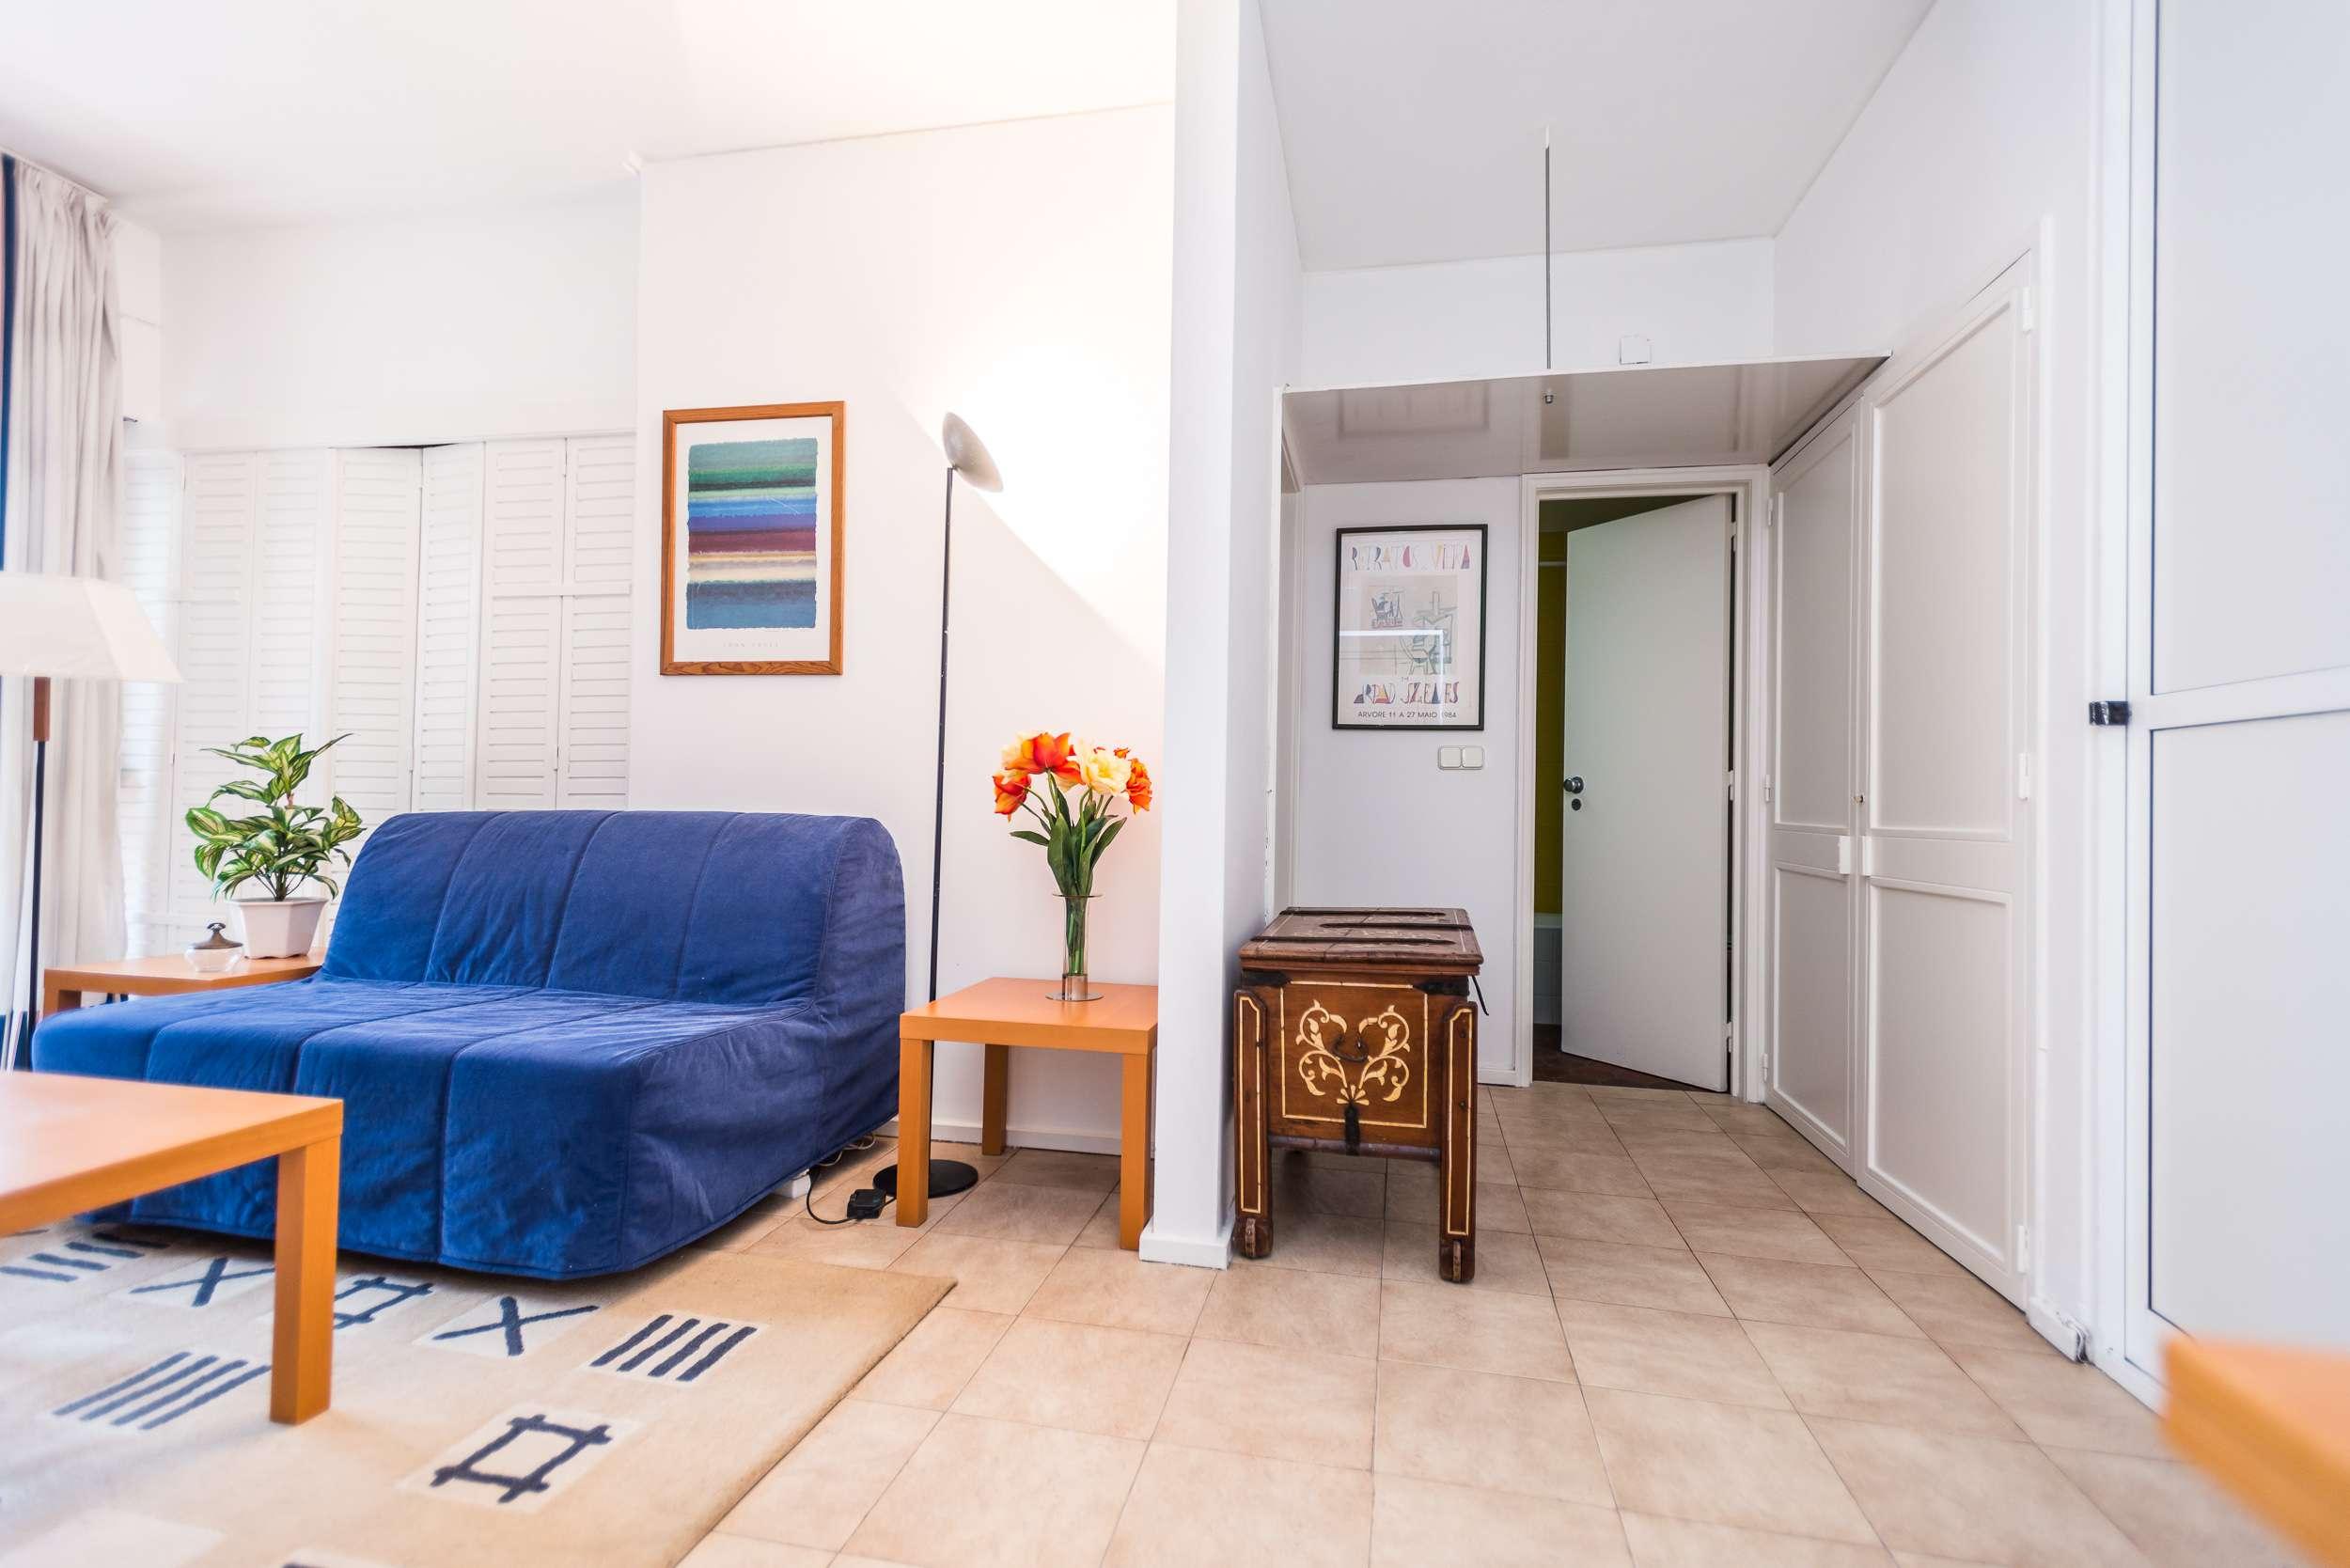 Обстановка и перепланировка однокомнатной квартиры